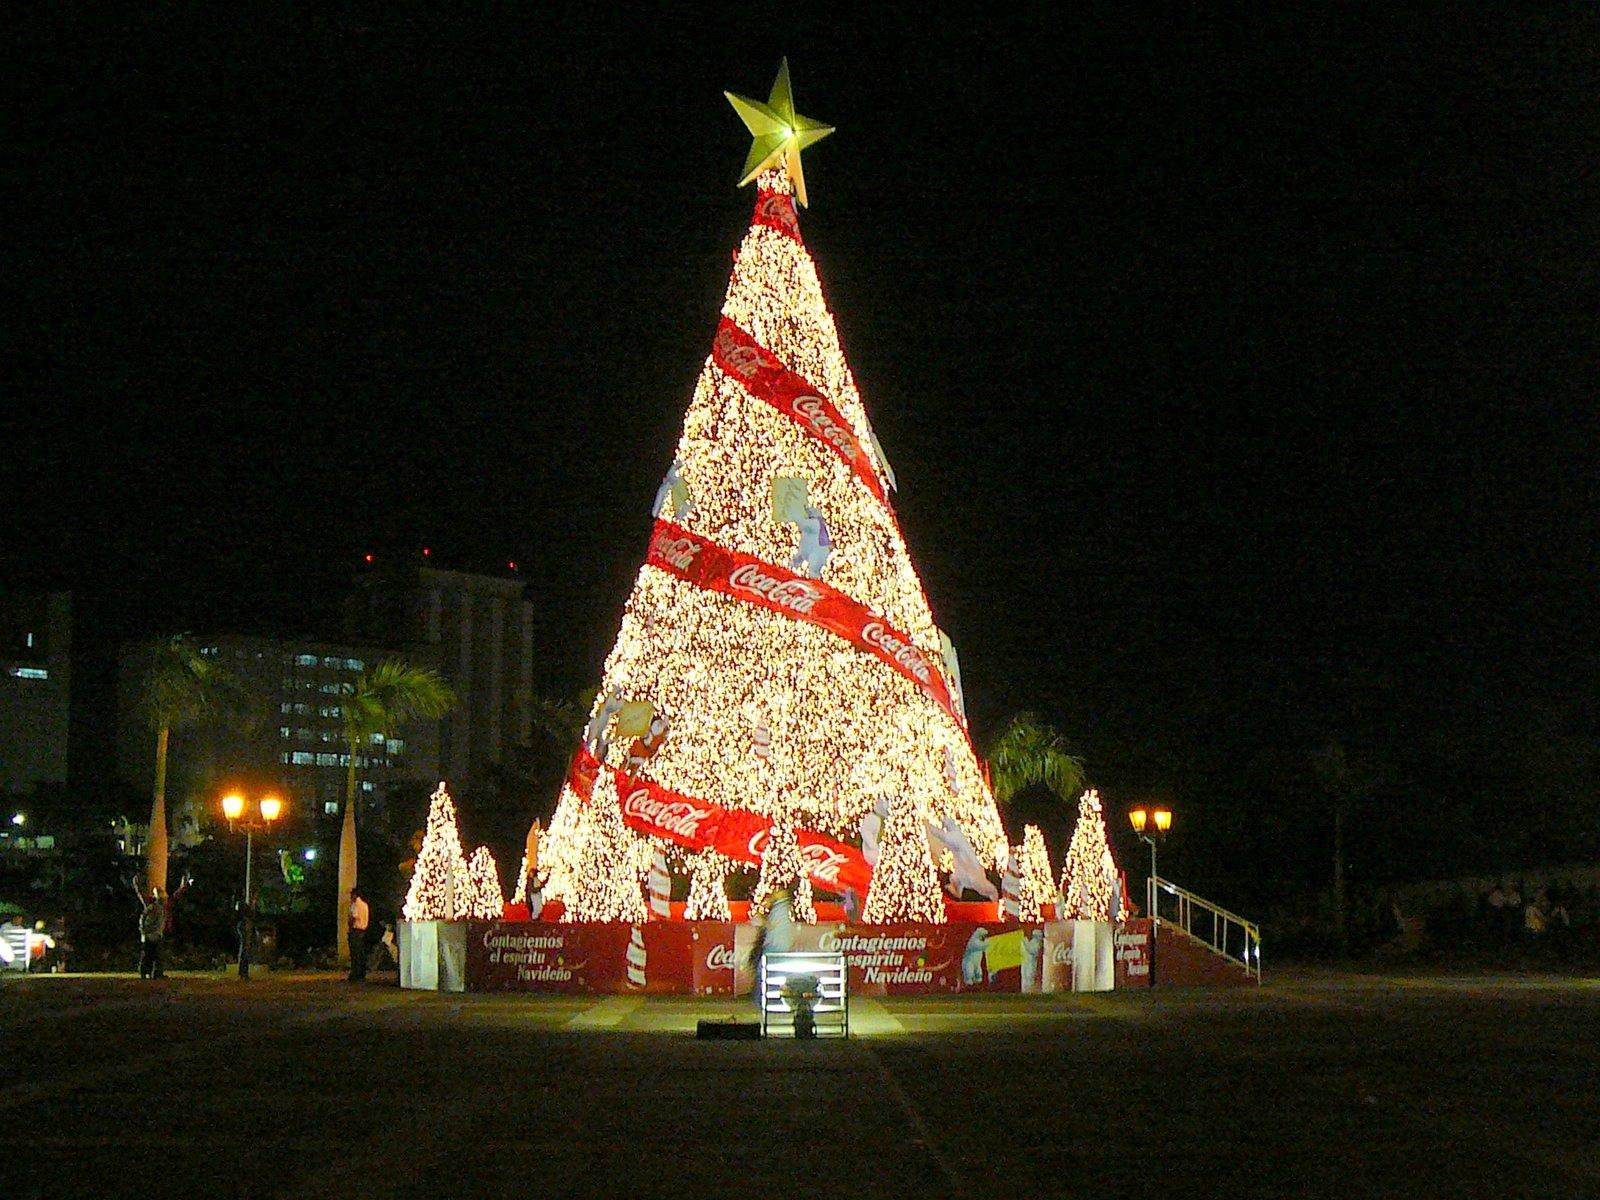 Arbol de navidad cocacola 1600x1200 fondo de pantalla 1699 - Arboles para navidad ...